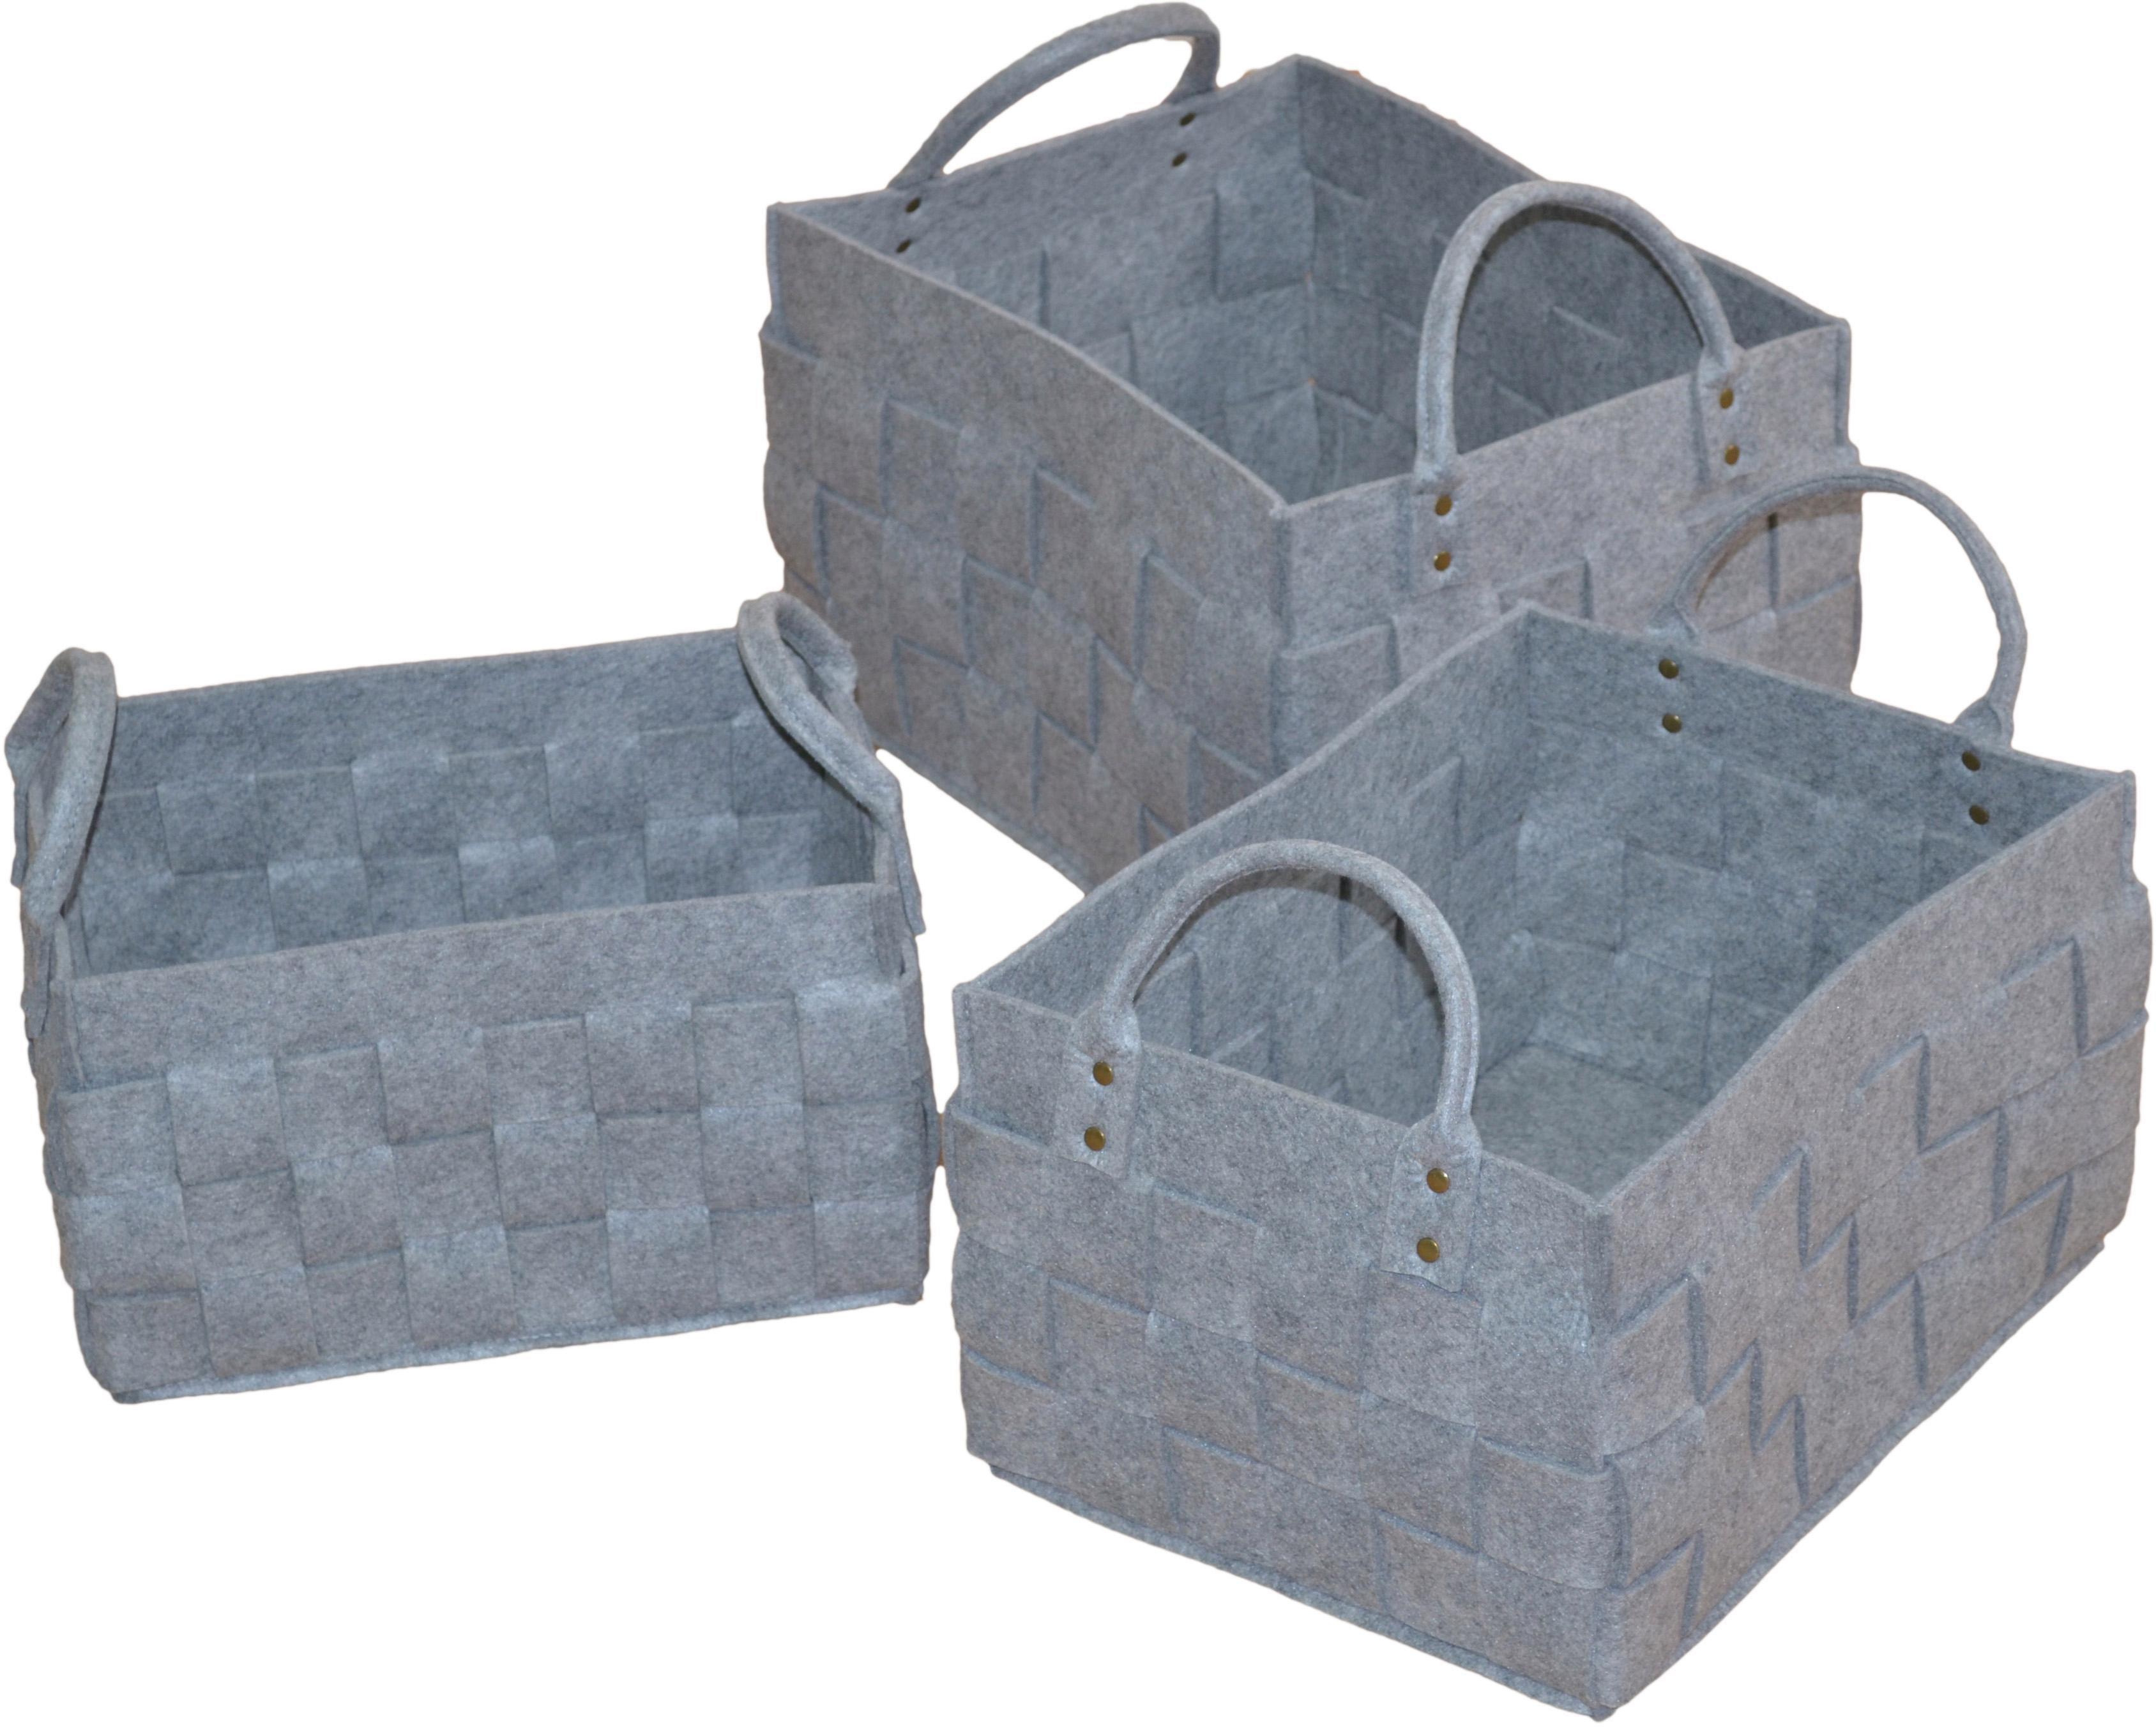 Aufbewahrungskorb, (Set, 3 St.), in Filzoptik grau Körbe Aufbewahrung Ordnung Wohnaccessoires Aufbewahrungskorb